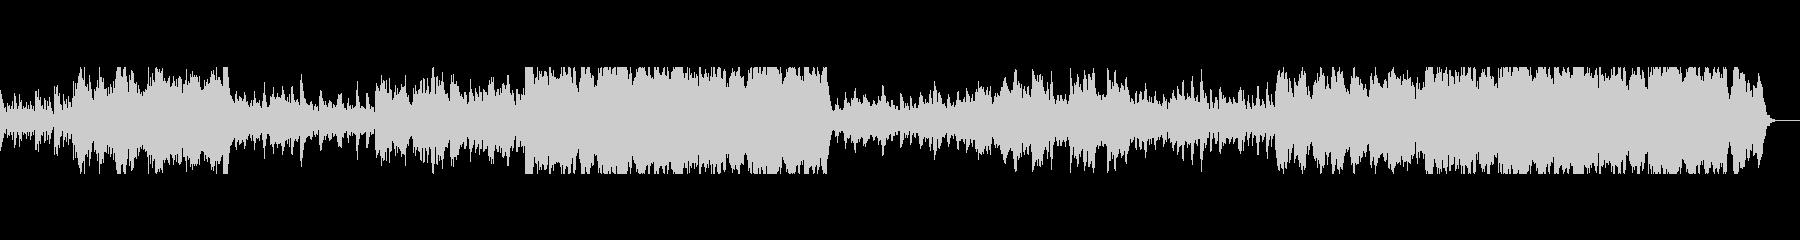 鉄琴中心の優しく温かいヒーリングオケの未再生の波形